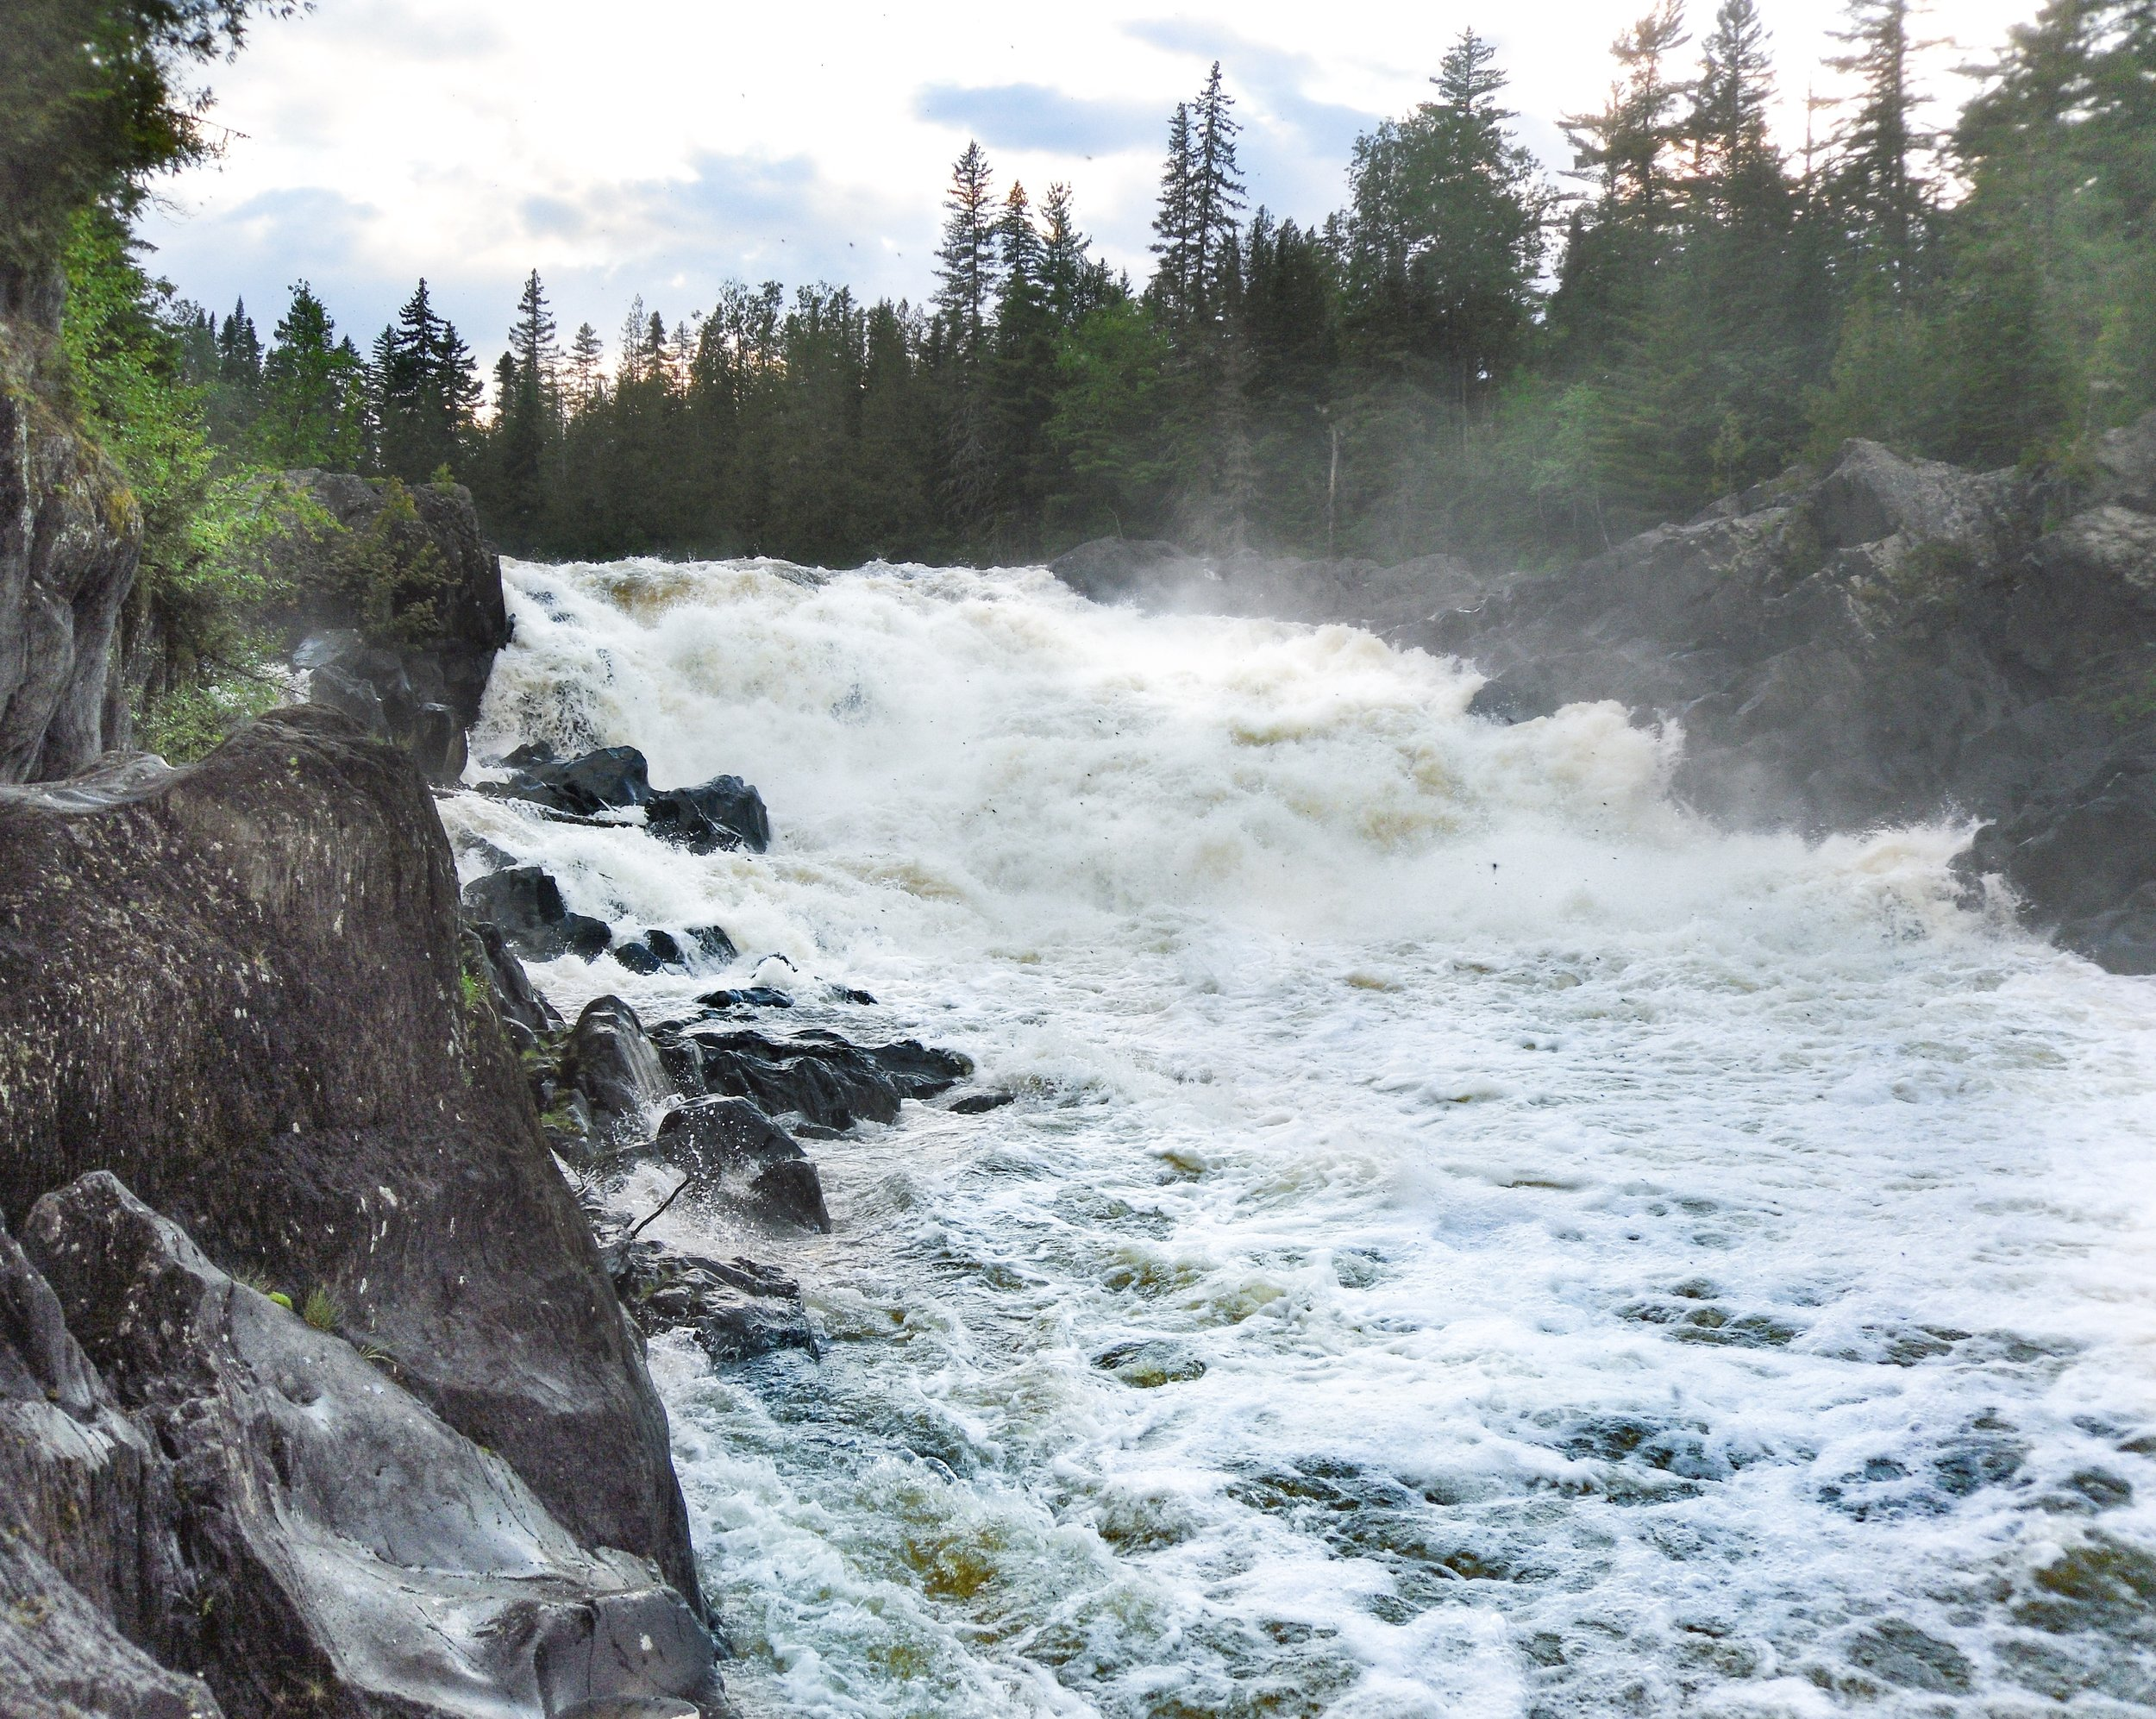 Allagash Falls, courtesy of Bryan Abbott